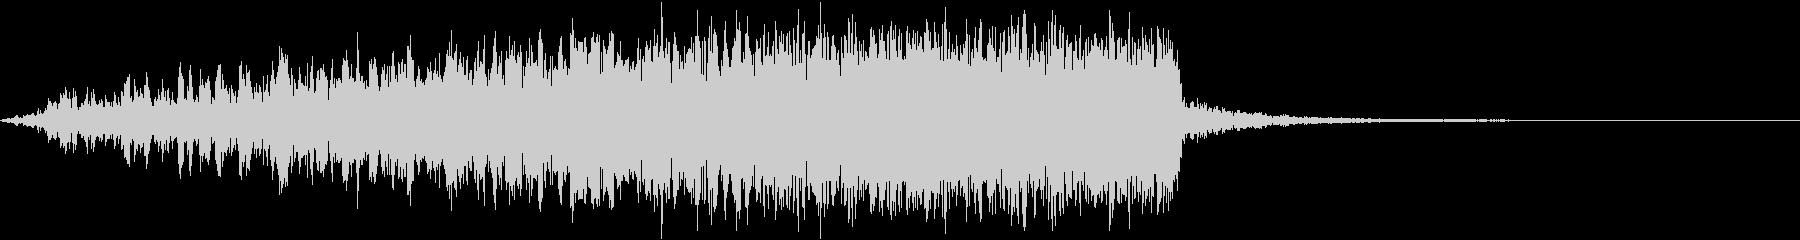 重低音と高音電子音の調和の未再生の波形